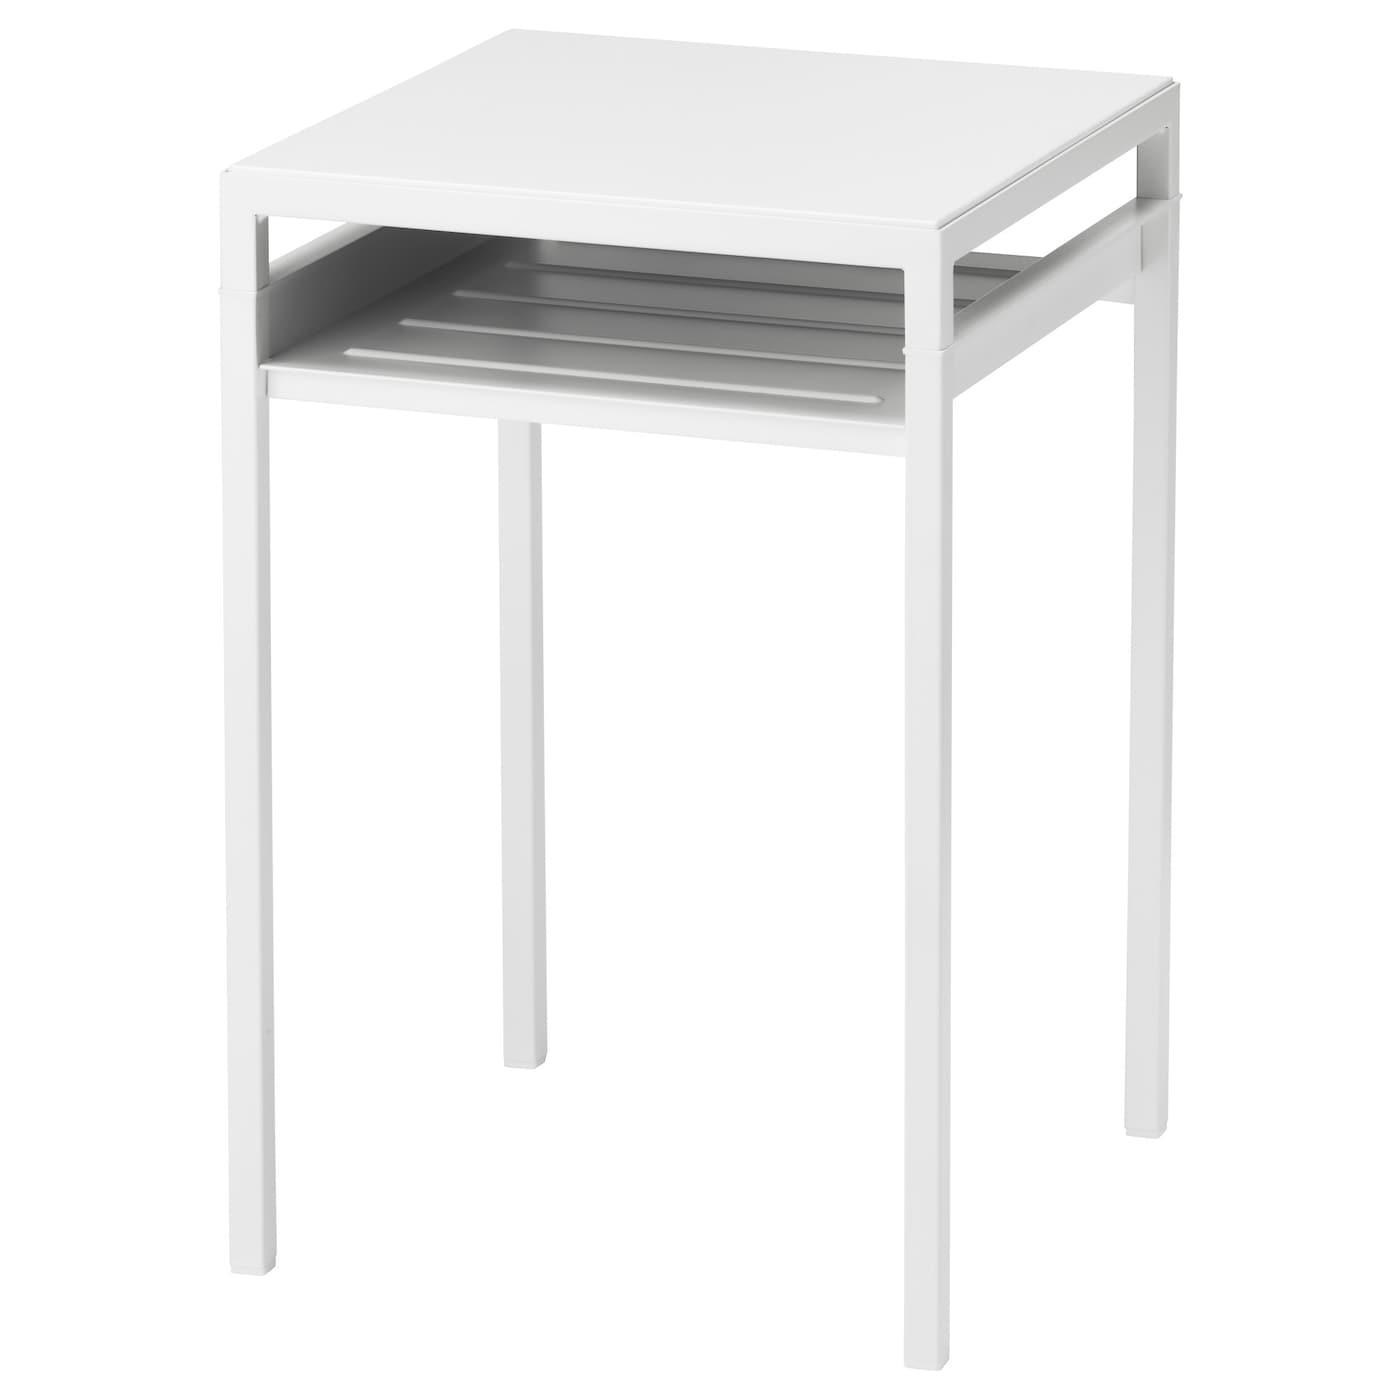 Nyboda bijtafel met keerbaar tafelblad wit grijs 40x40x60 for Beistelltisch 80 cm hoch